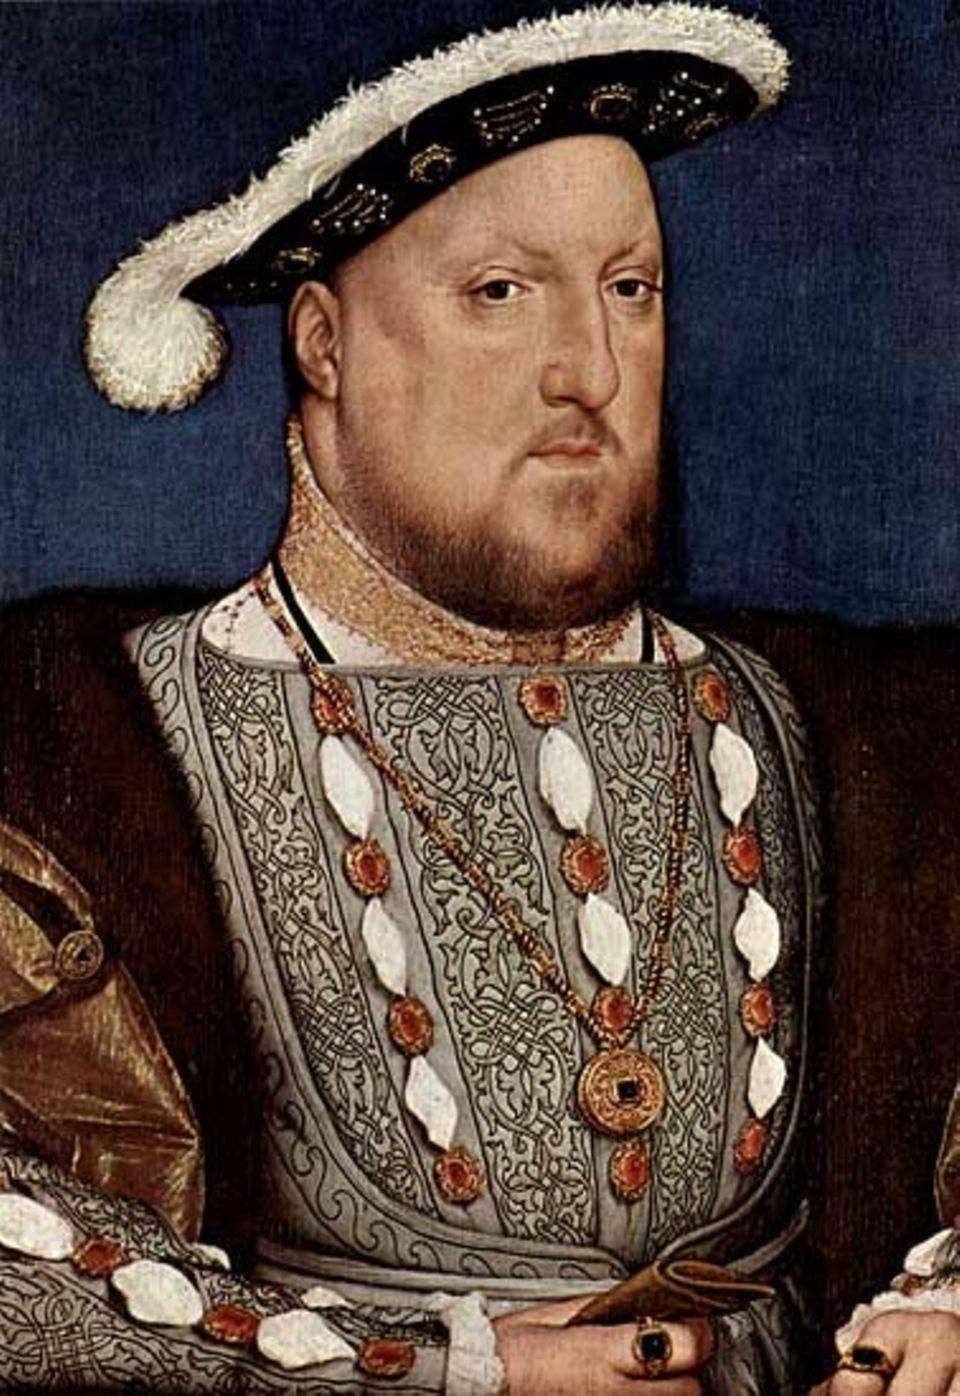 Mit goldbestickter Brust lässt sich Heinrich VIII. um das Jahr 1540 von seinem deutschen Hofmaler Hans Holbein porträtieren - der König steht auf dem Höhpunkt seiner Macht